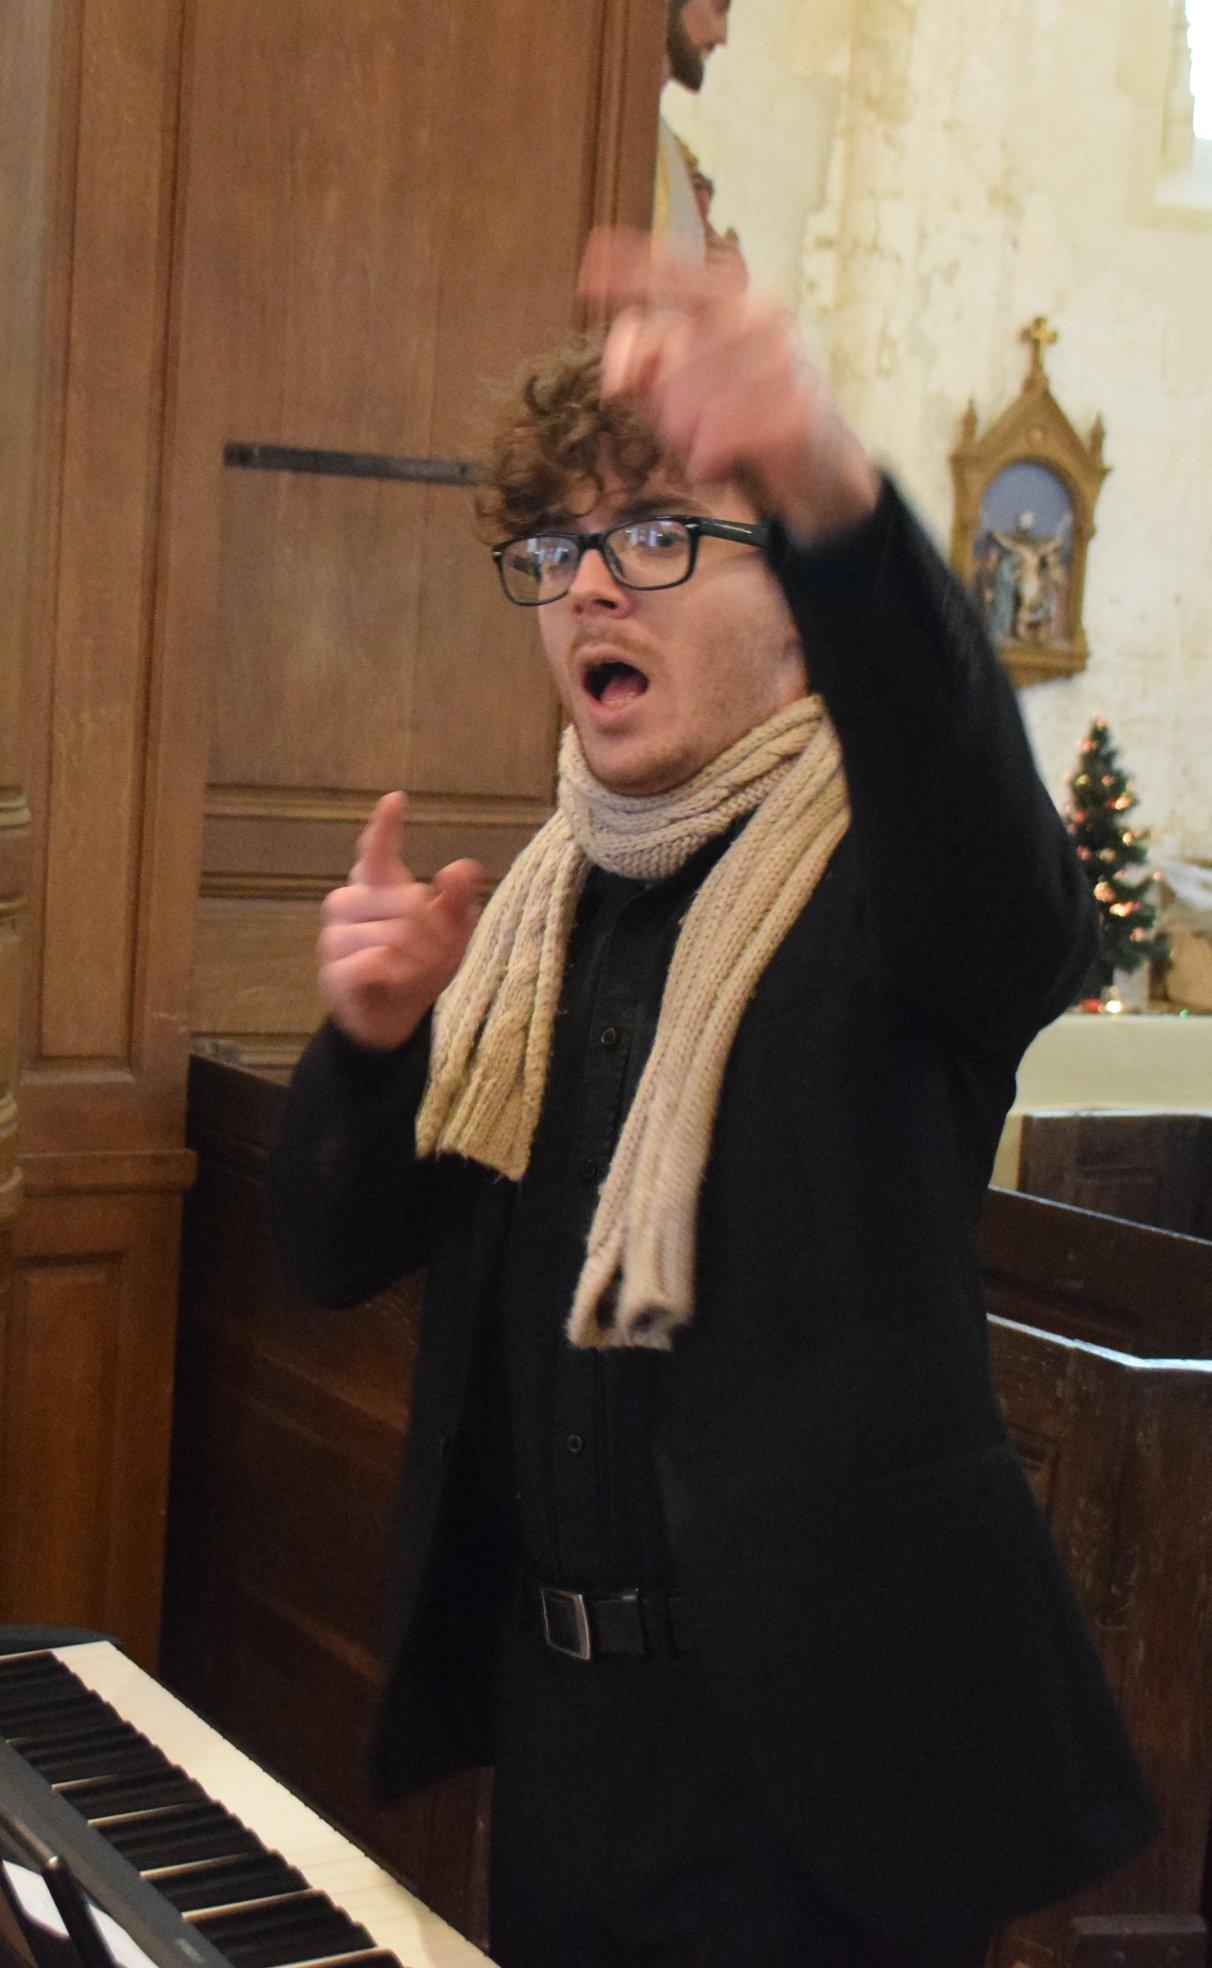 Nathan Renard dirige la chorale Cholory d'Etrepilly depuis 2 ans.